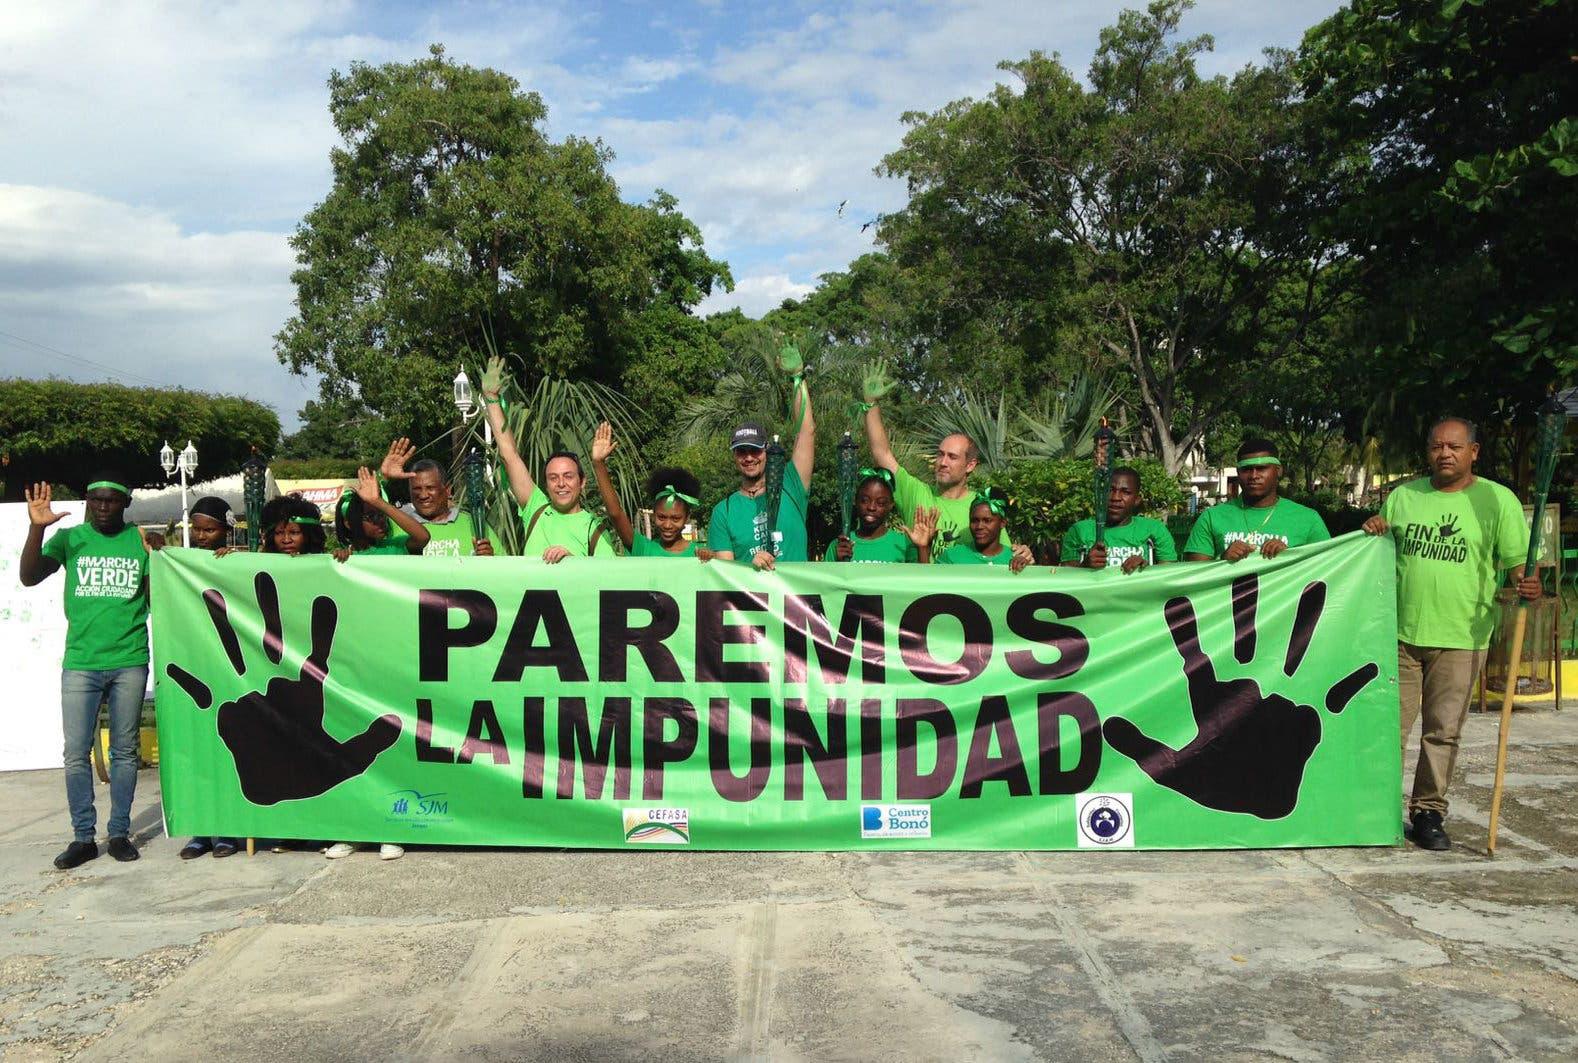 DOMINICANOS INICIAN MOVILIZACIÓN EN CONTRA DE CORRUPCIÓN TRAS CASO ODEBRECHT